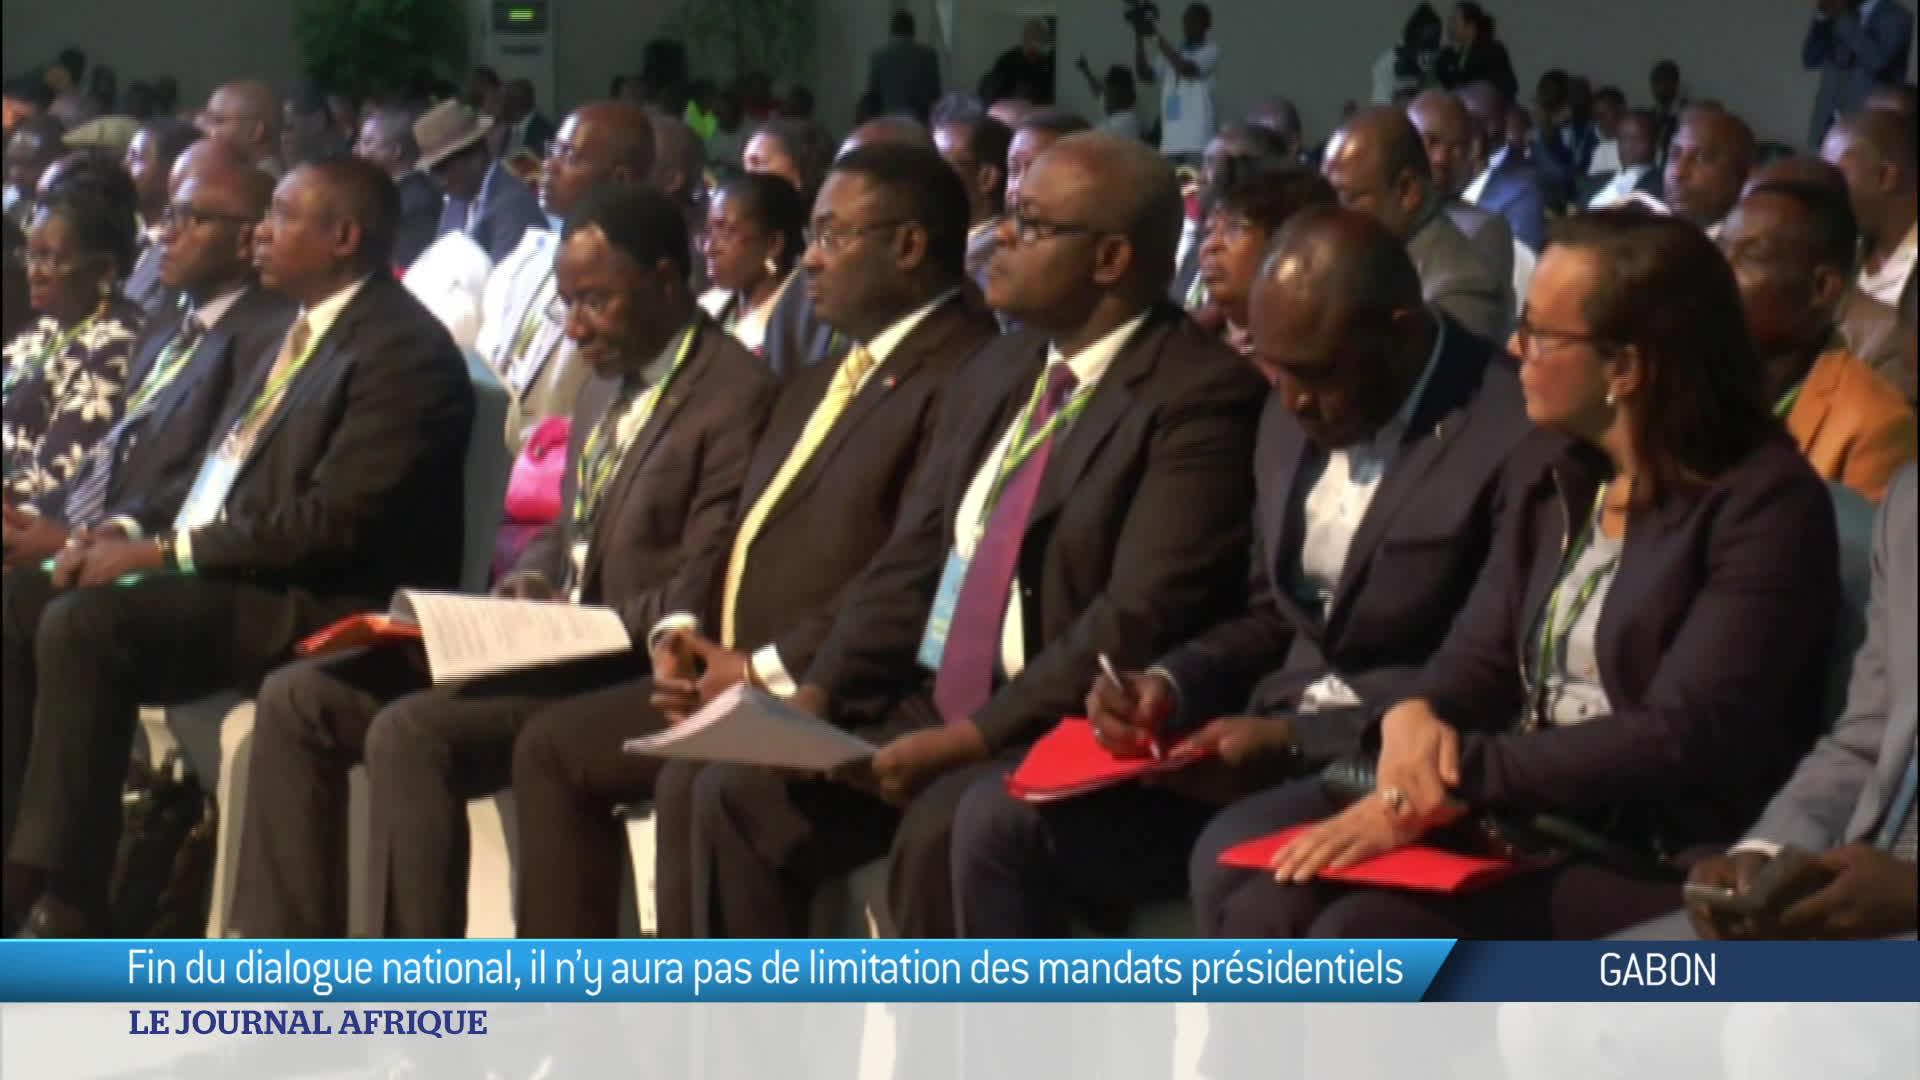 Fin du dialogue national au Gabon